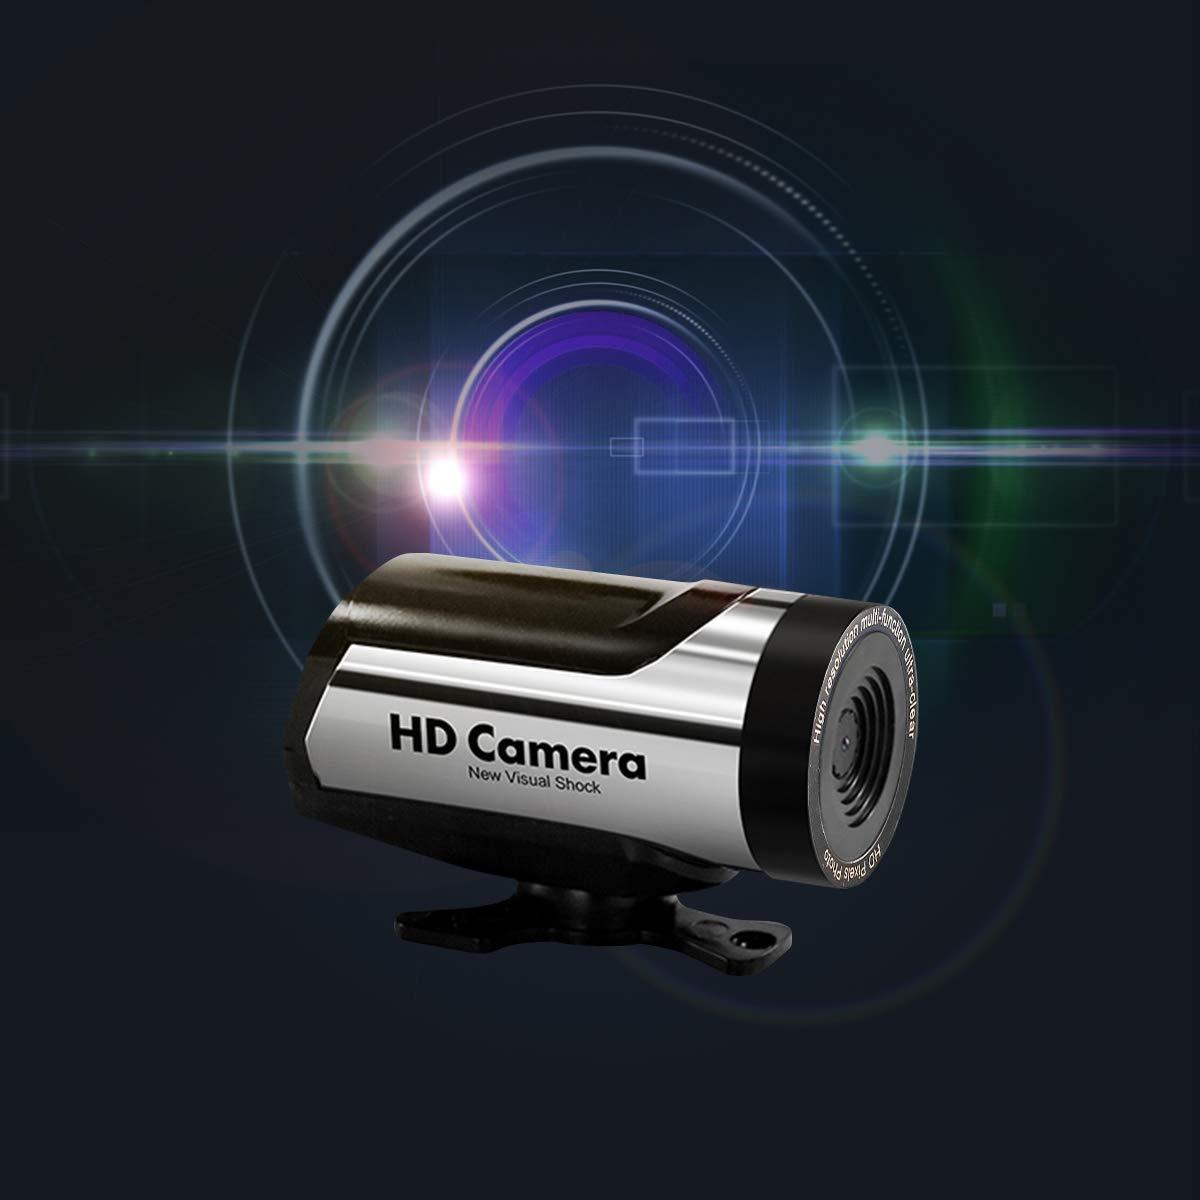 Maxtroinc WiFi Voiture RC camé ra 720P HD camé ra Surveillance en Temps ré el Soutien iOS systè me Android (Noir)